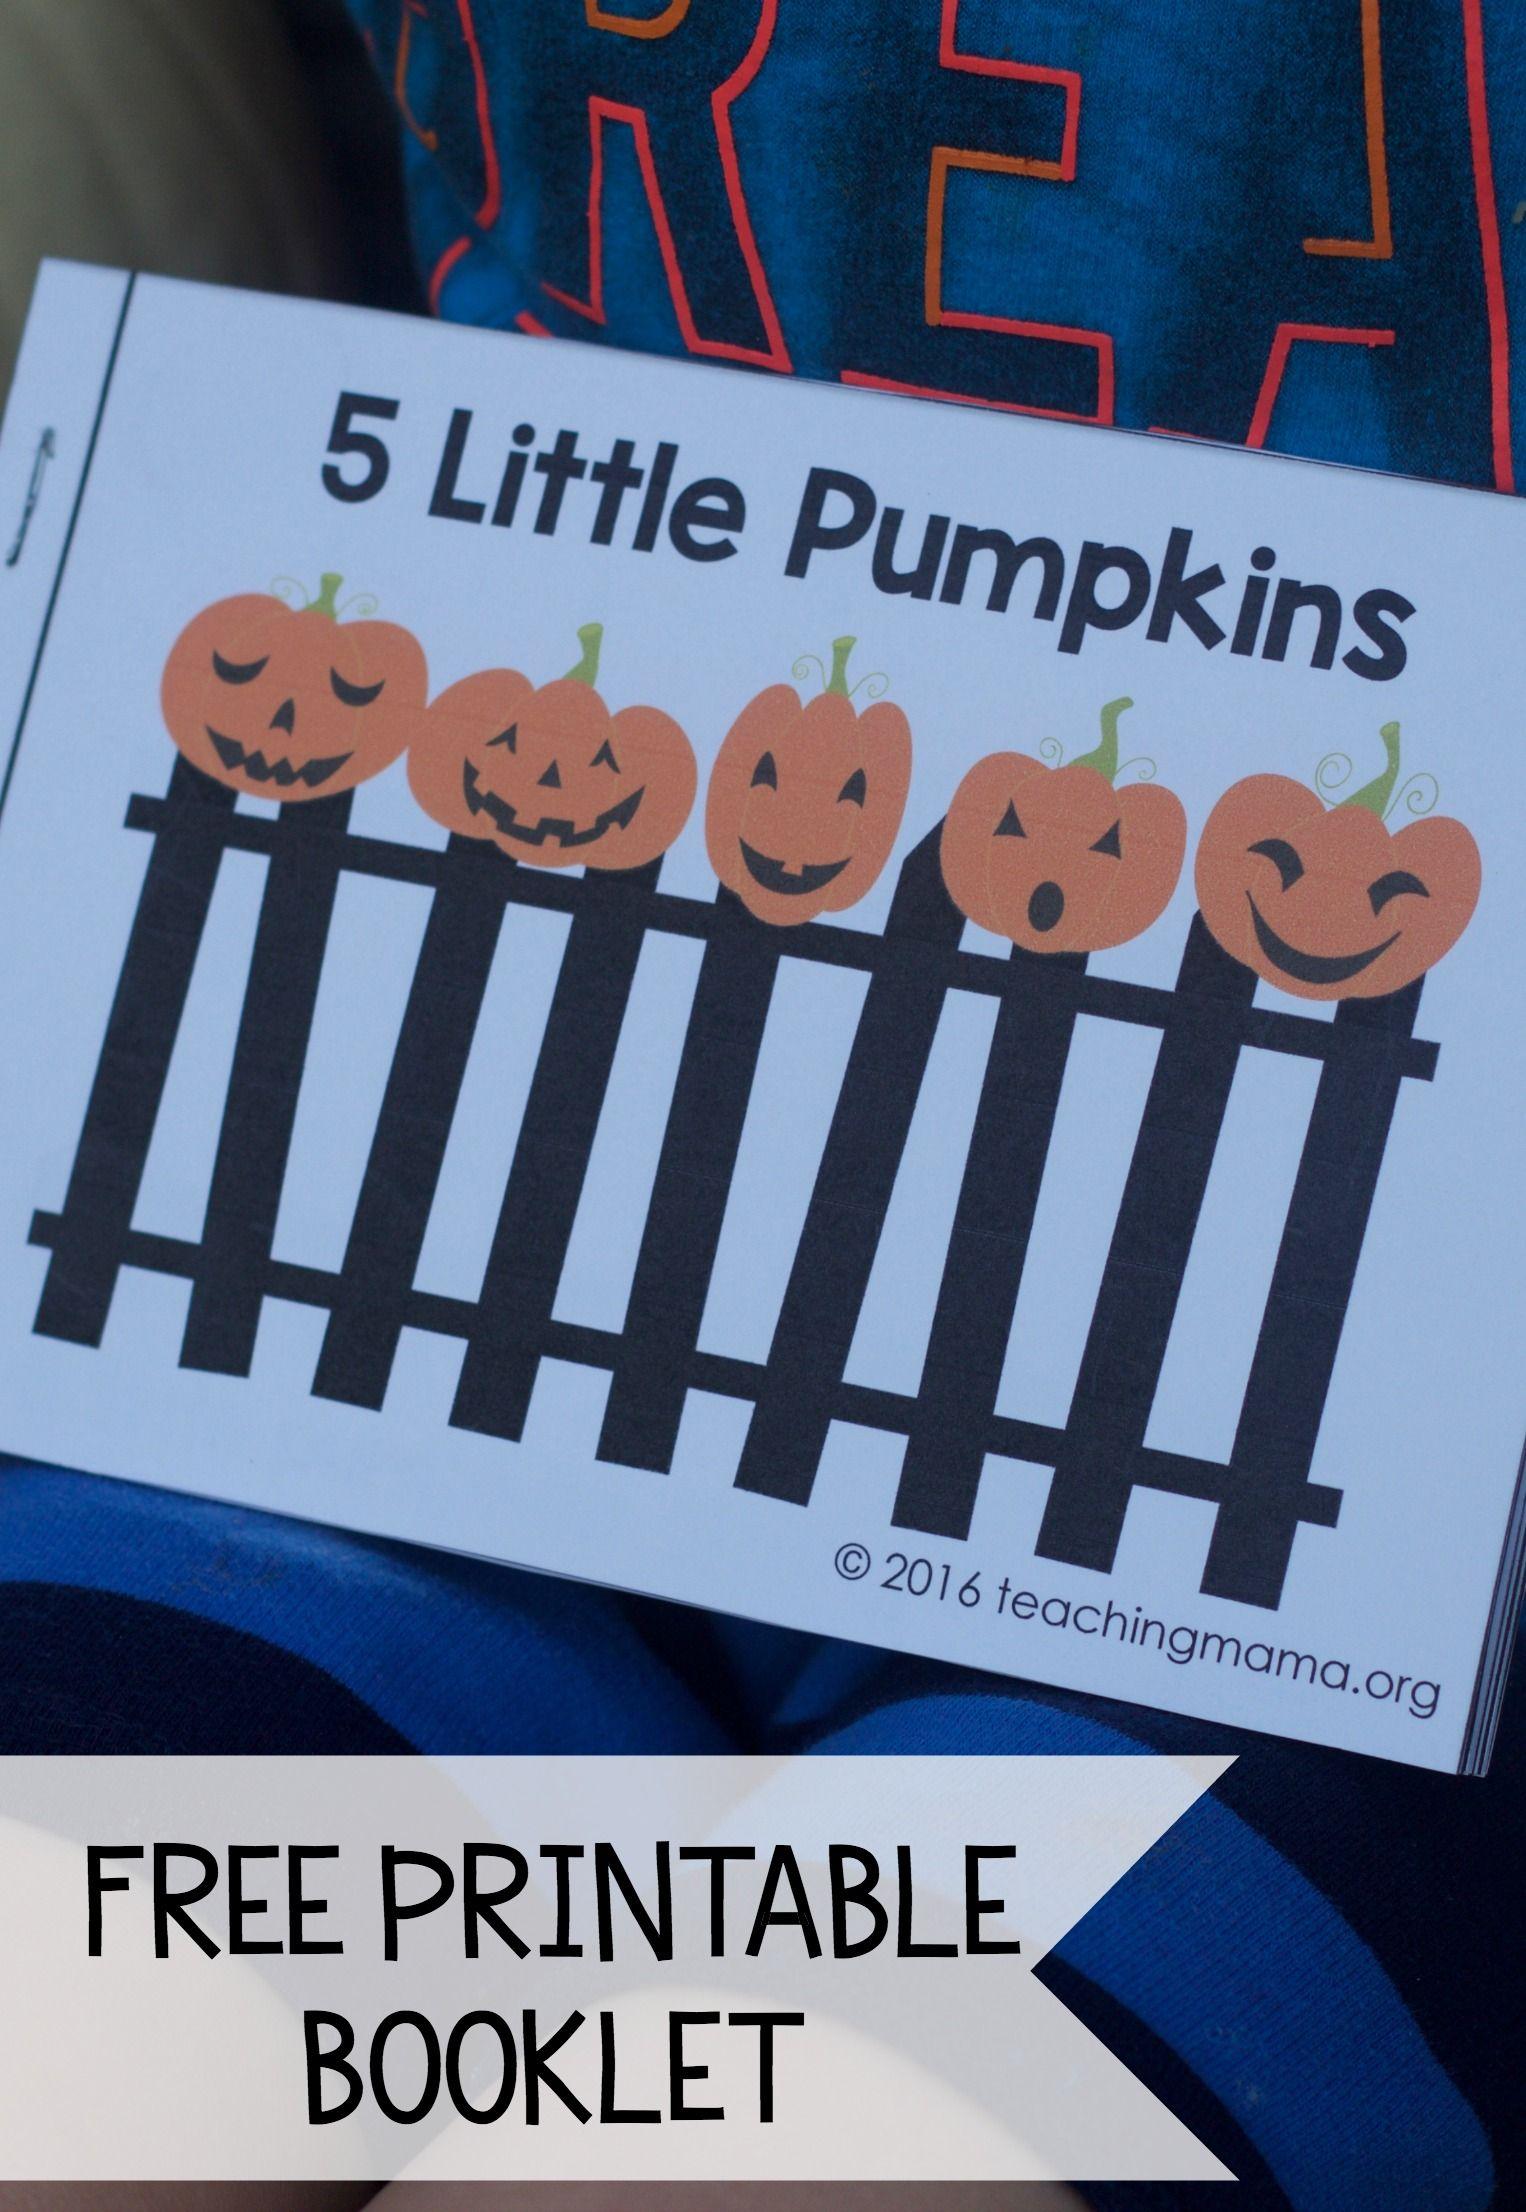 5 Little Pumpkins Book Worksheet